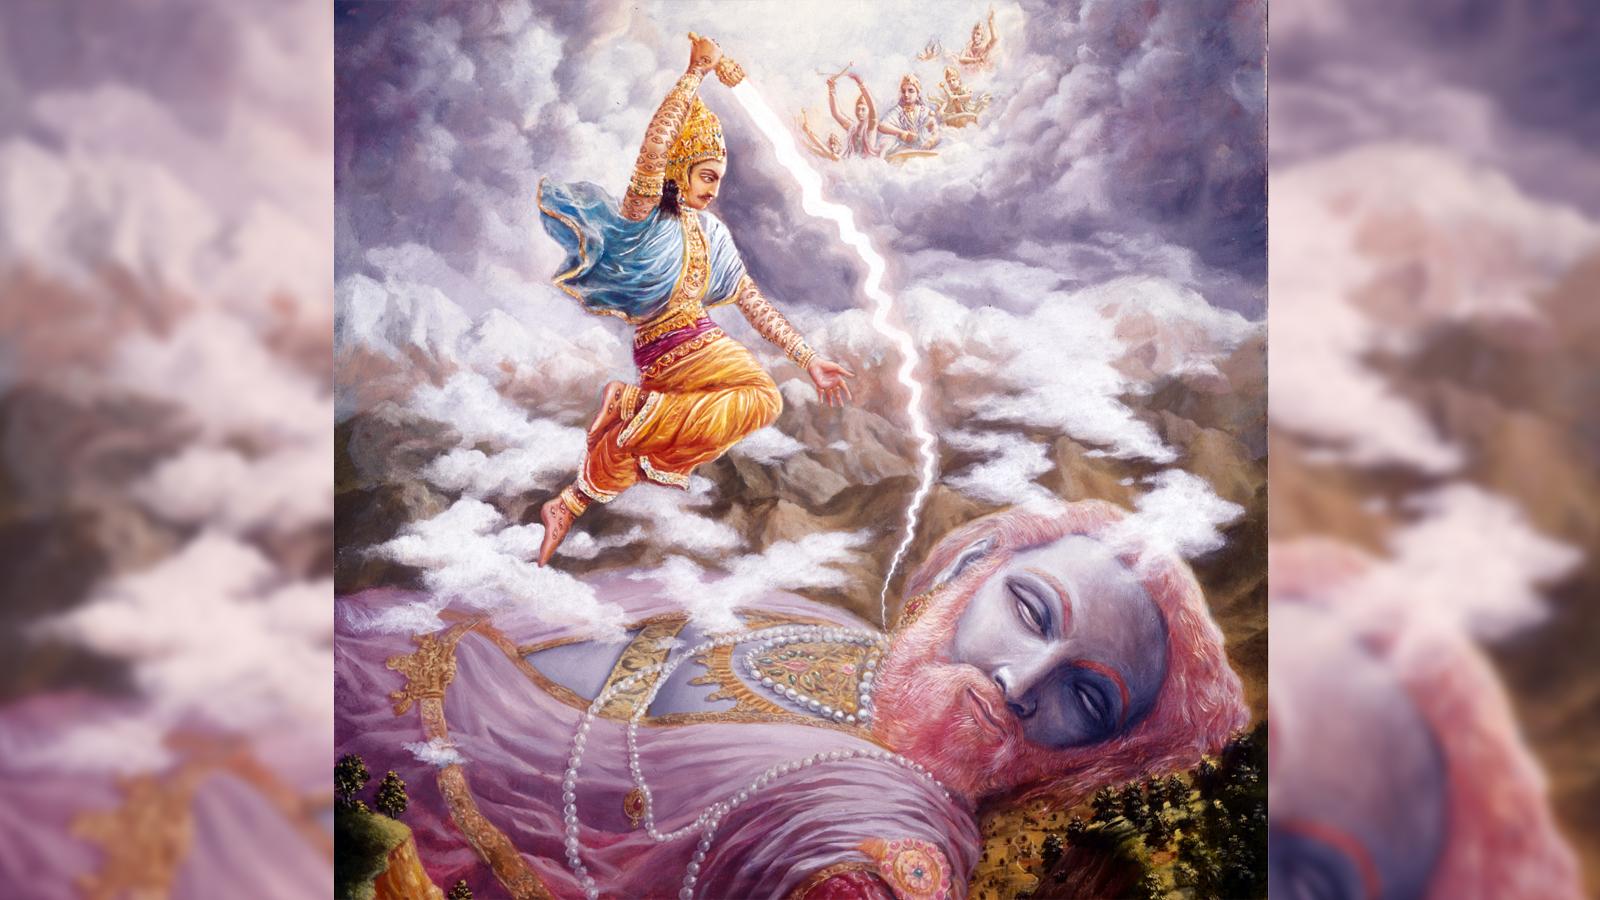 Indra kills Vritrasura